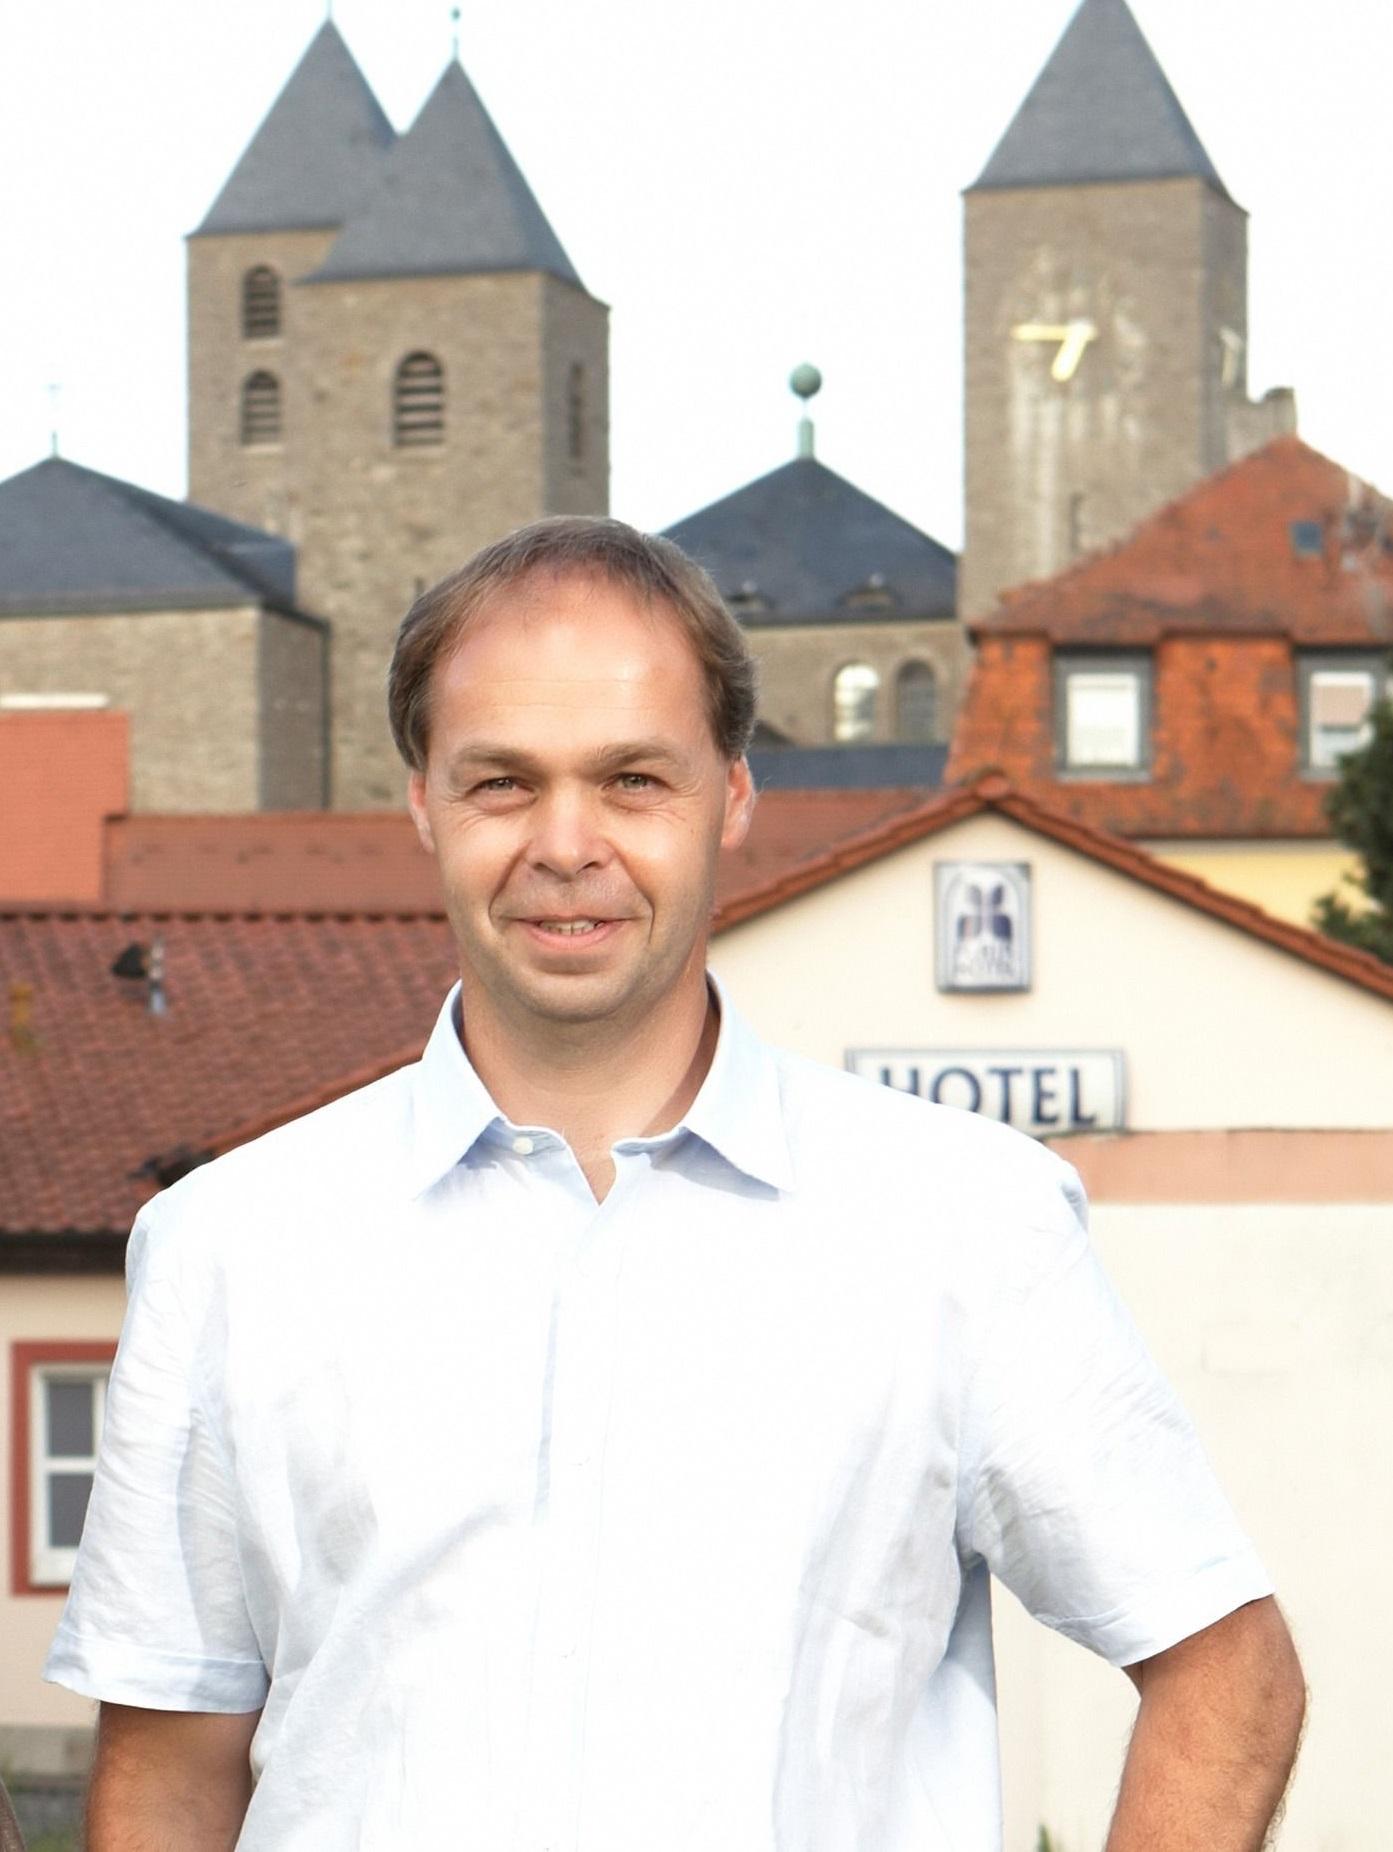 Inhaber Flair Hotel Zum Benediktiner